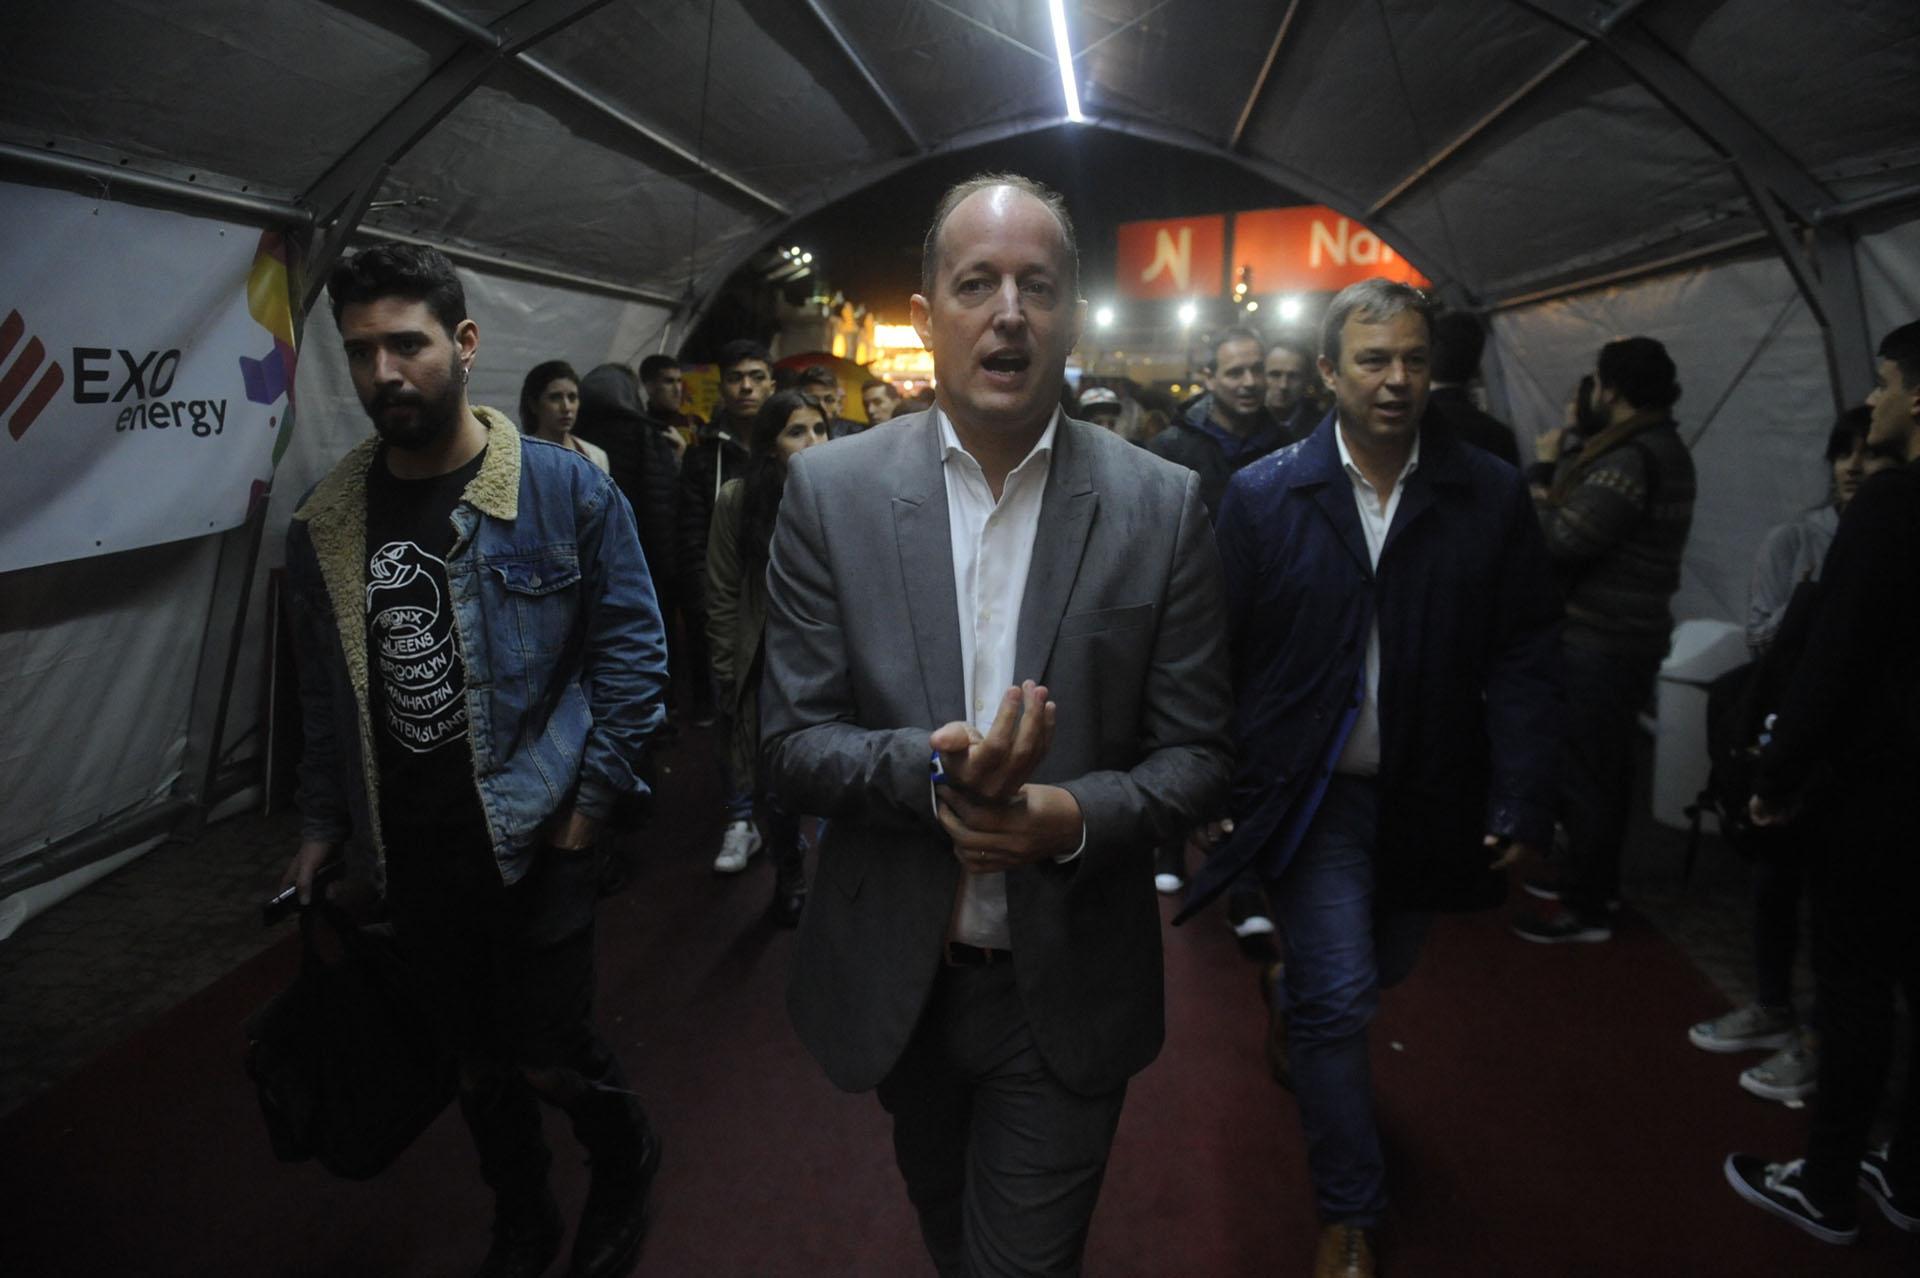 El intendente de Lomas de Zamora Martín Insaurralde